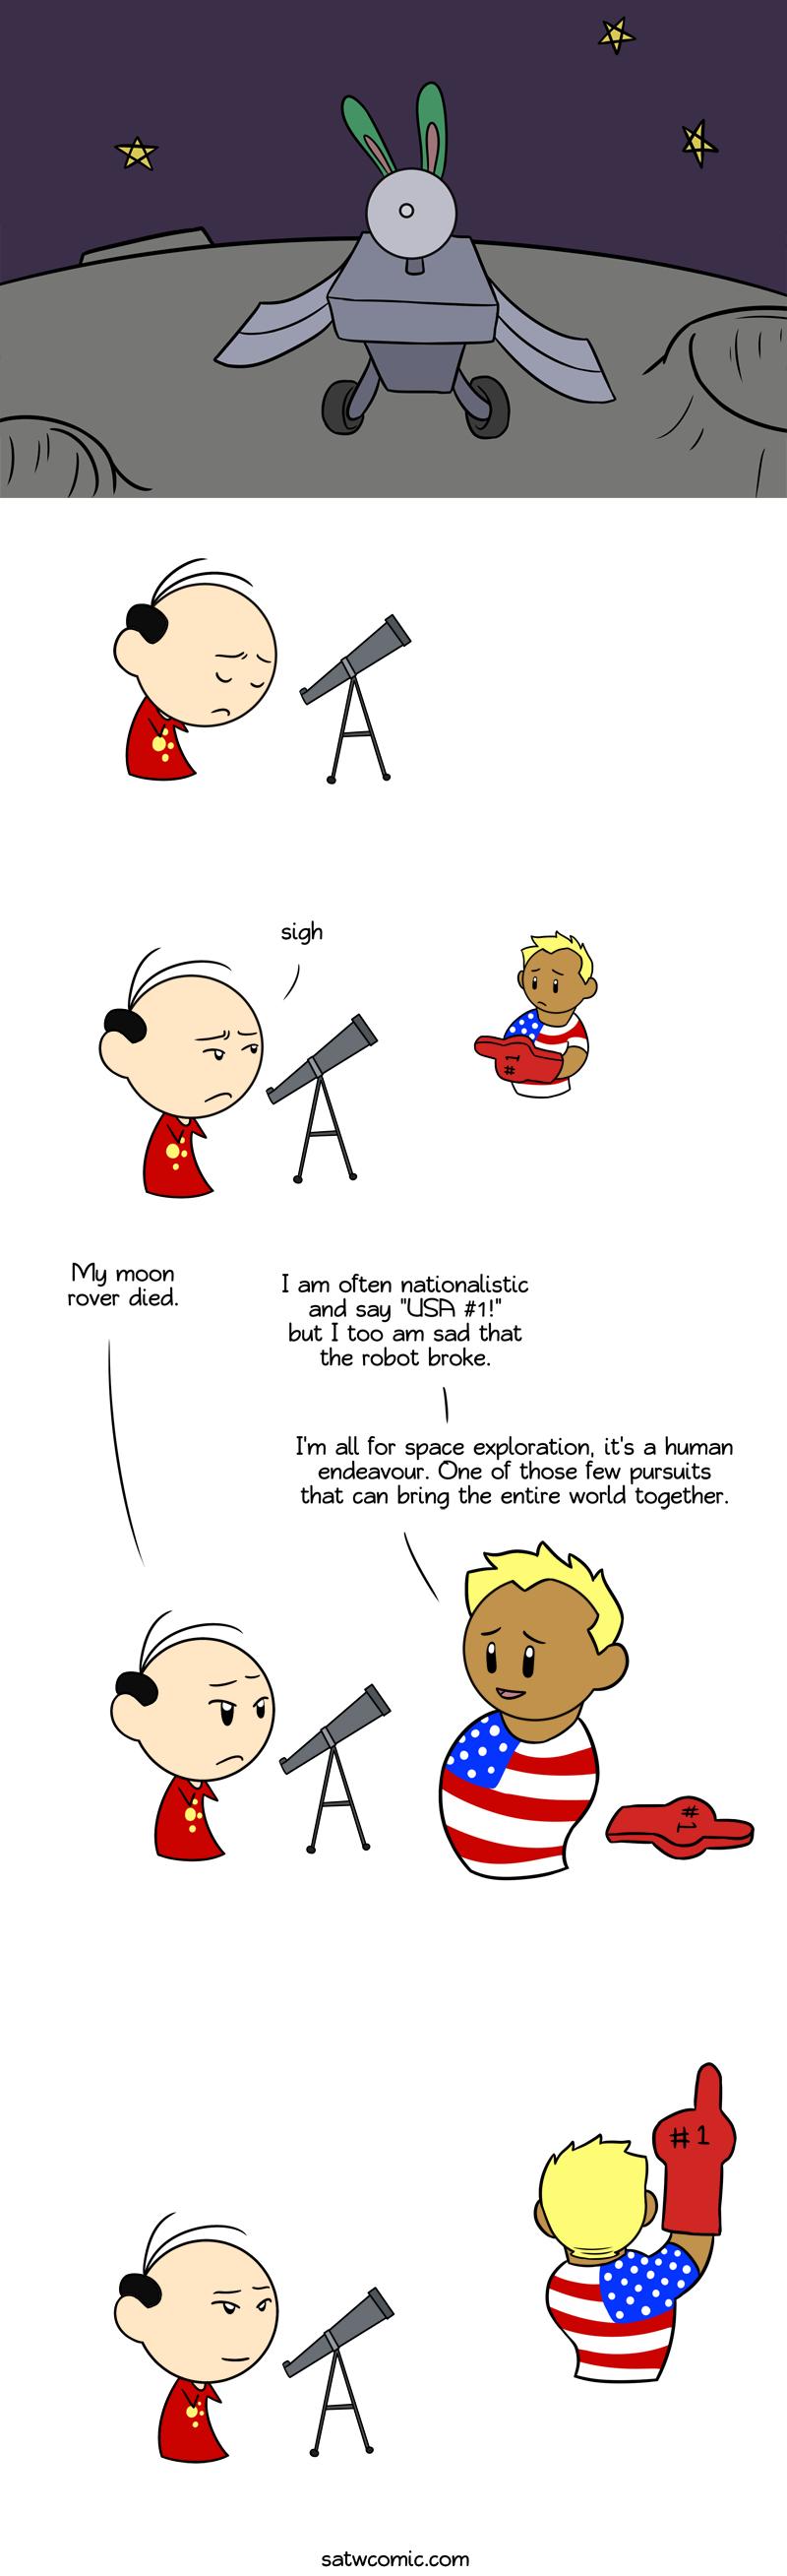 A Human Endeavour satwcomic.com